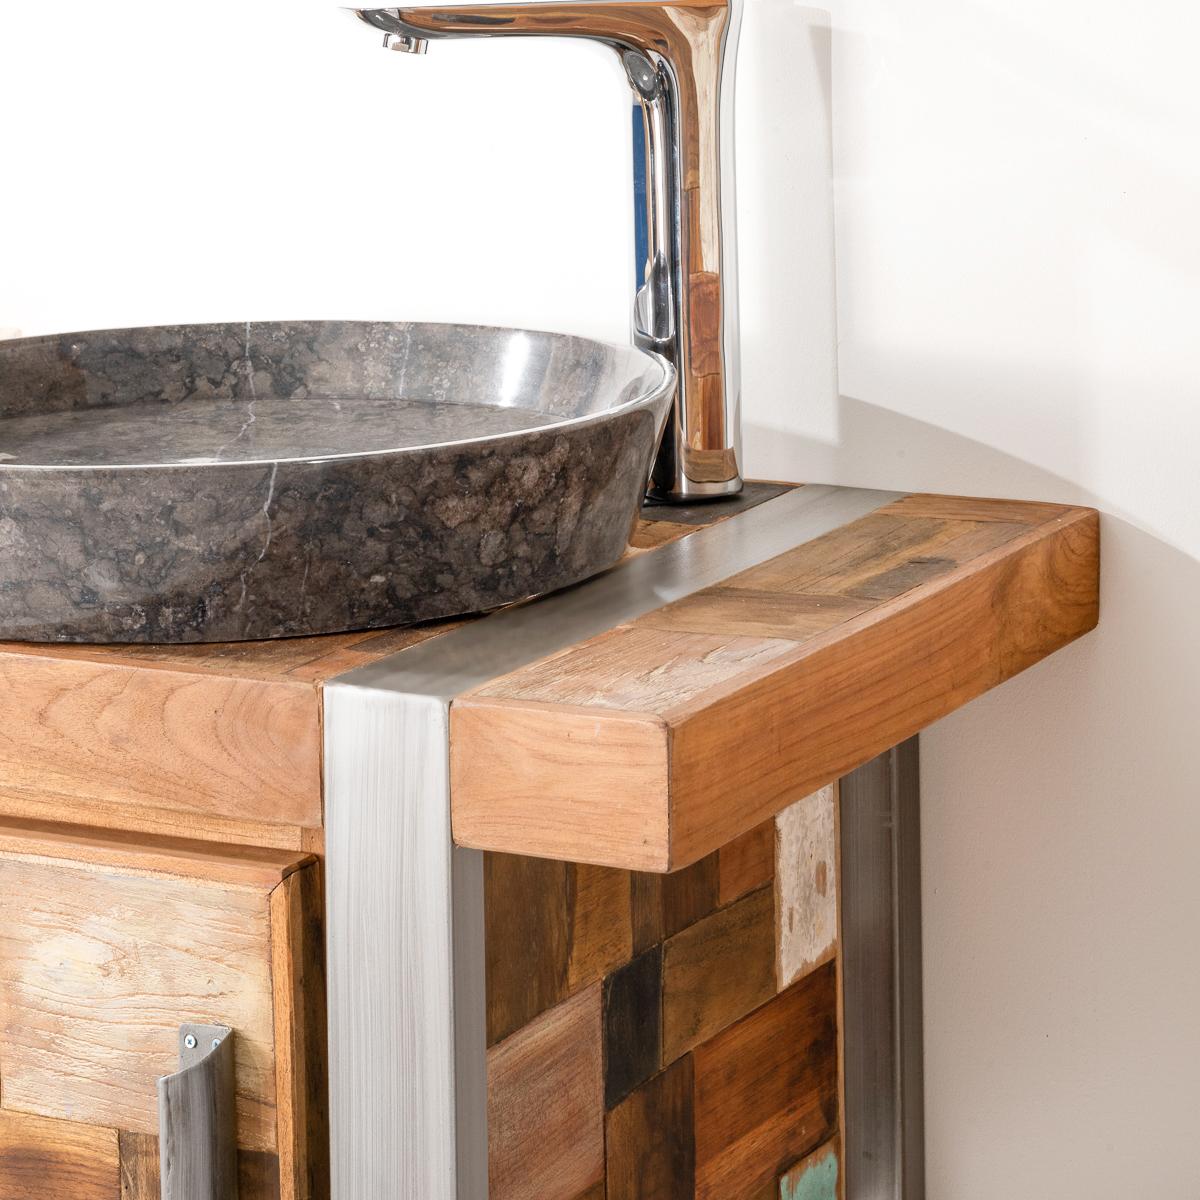 Mueble para cuarto de ba o factory teca metal 70 cm for Mueble recibidor 70 cm